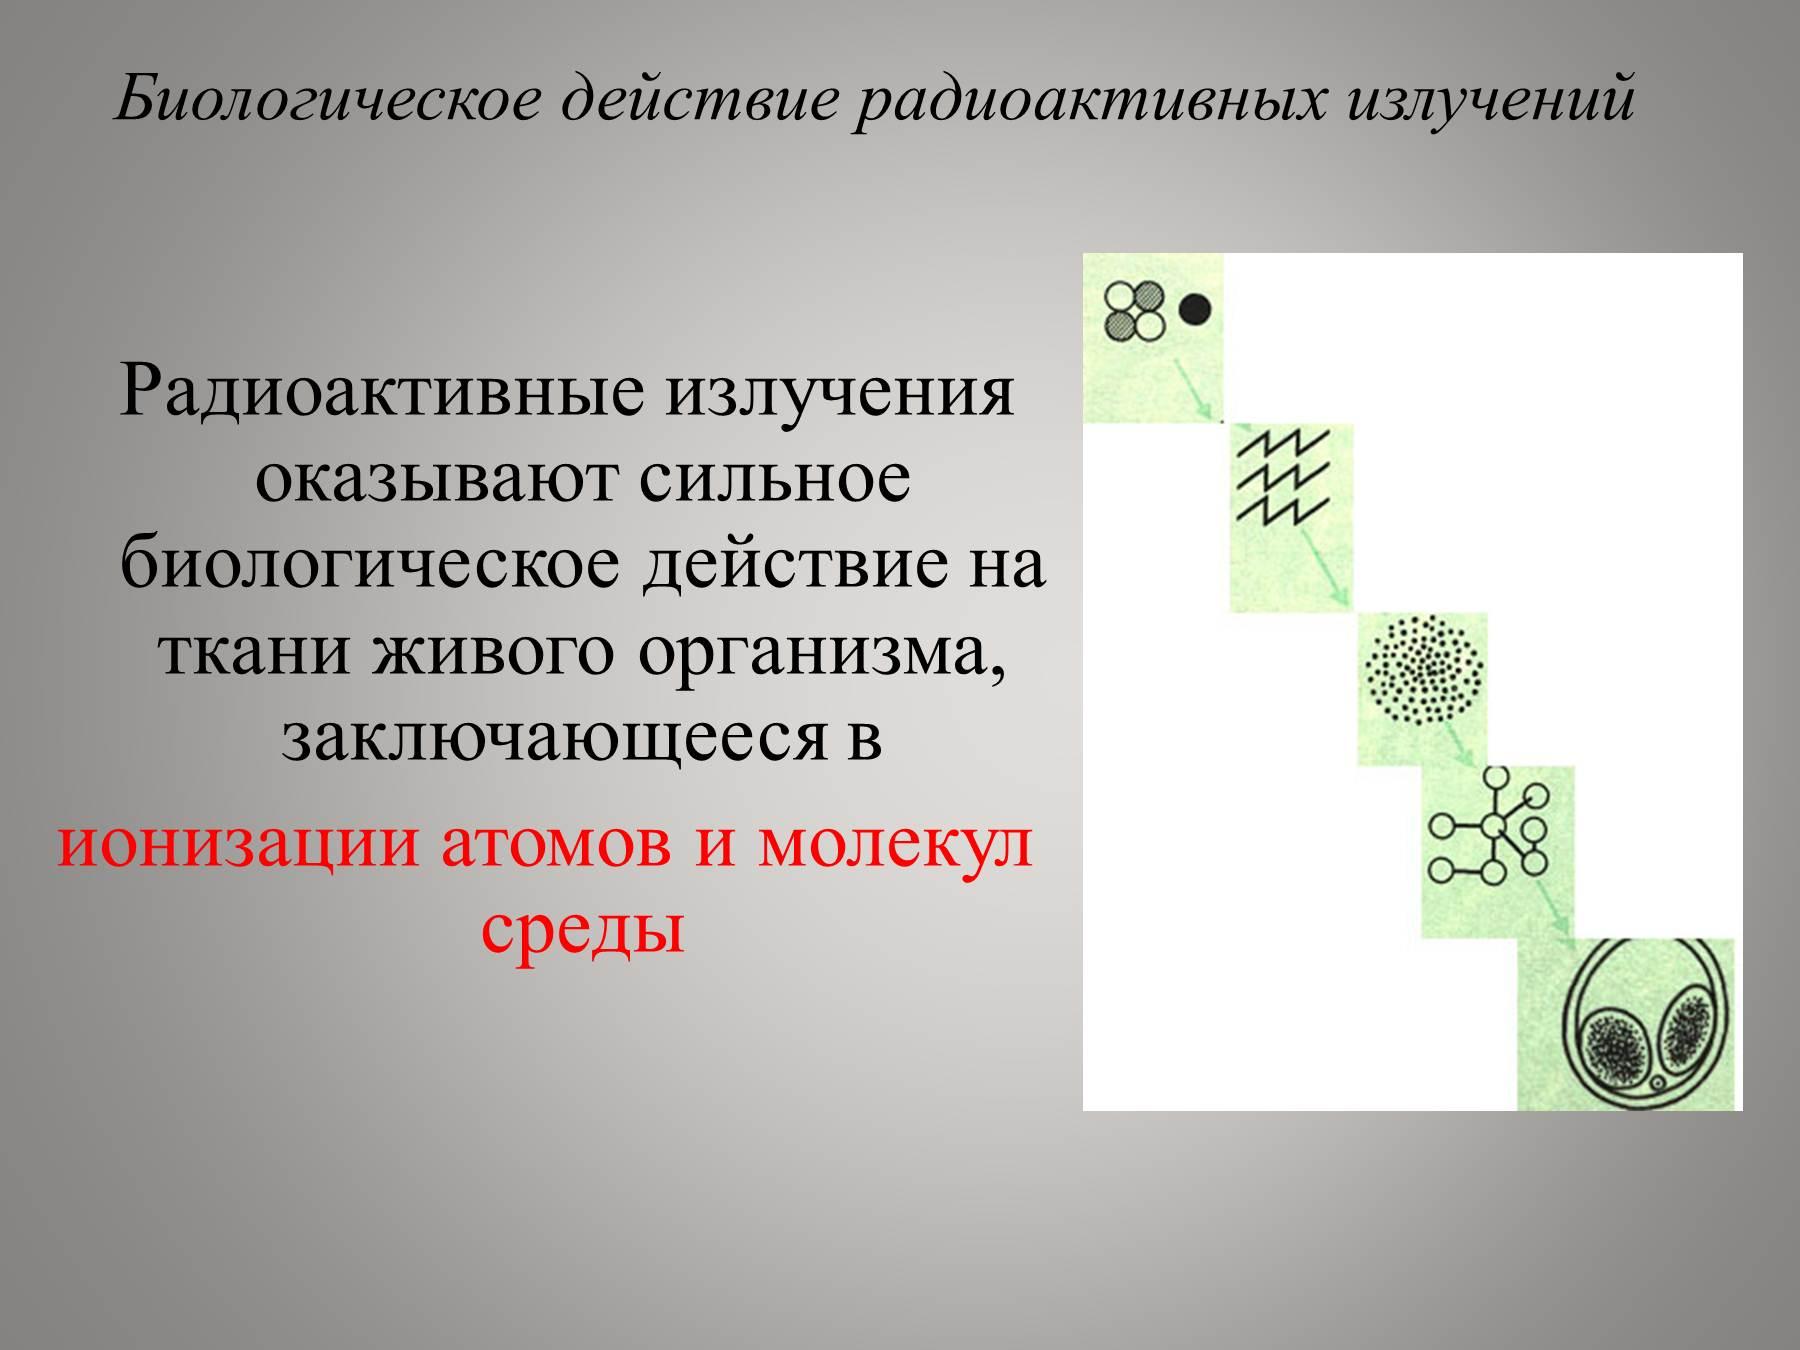 биологическое действие радиоактивного излучения страховщиков России (РСА)